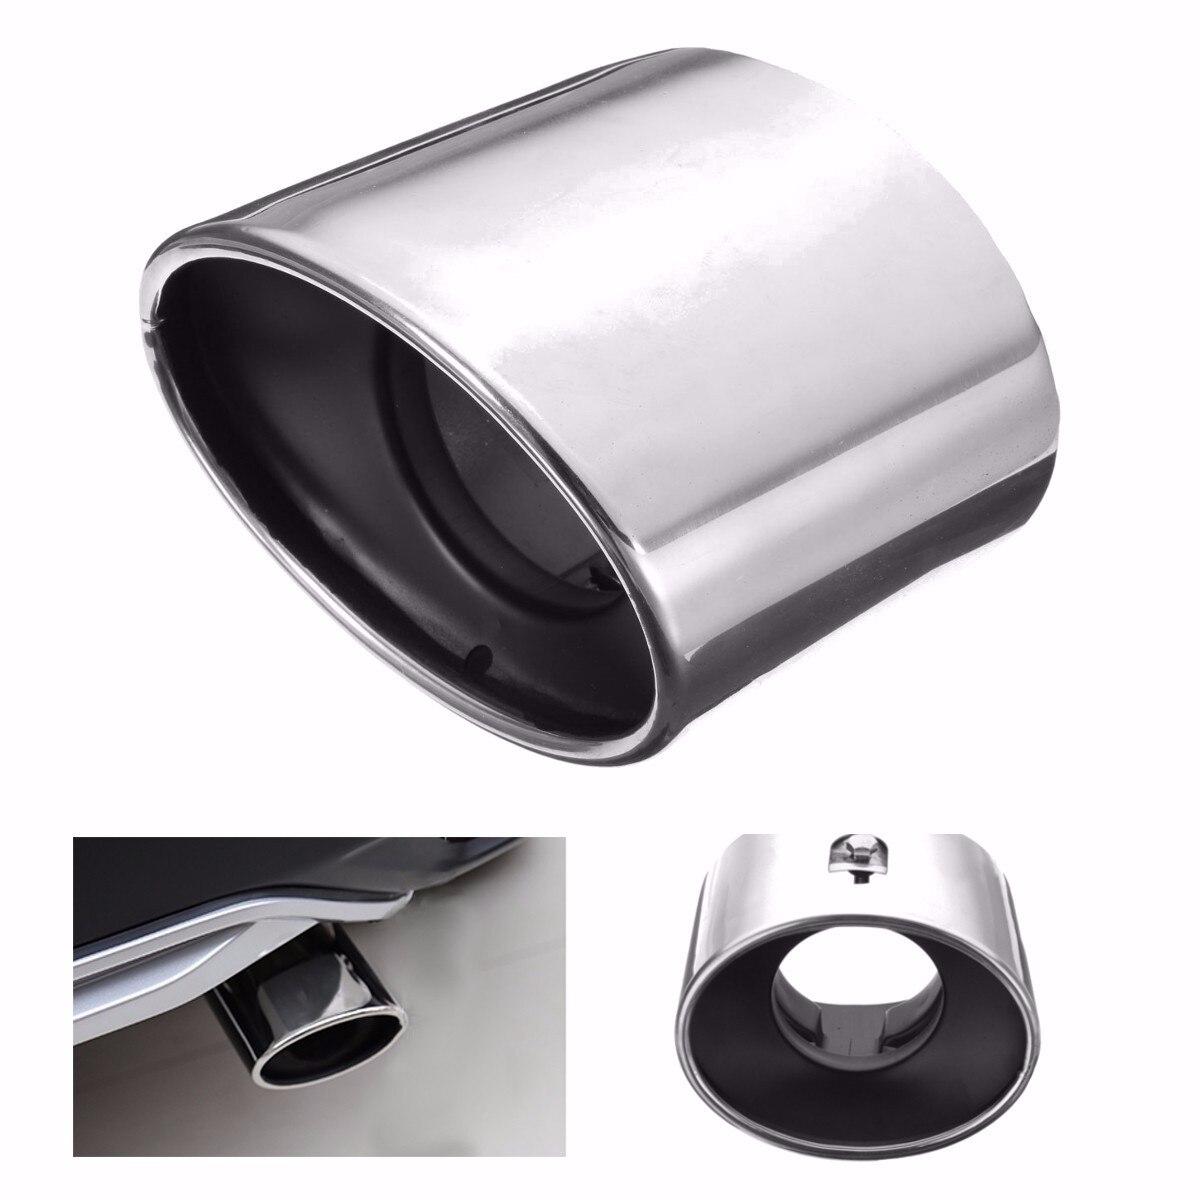 Хромированный глушитель выхлопной трубы из нержавеющей стали для Honda /Accord 2008-2012